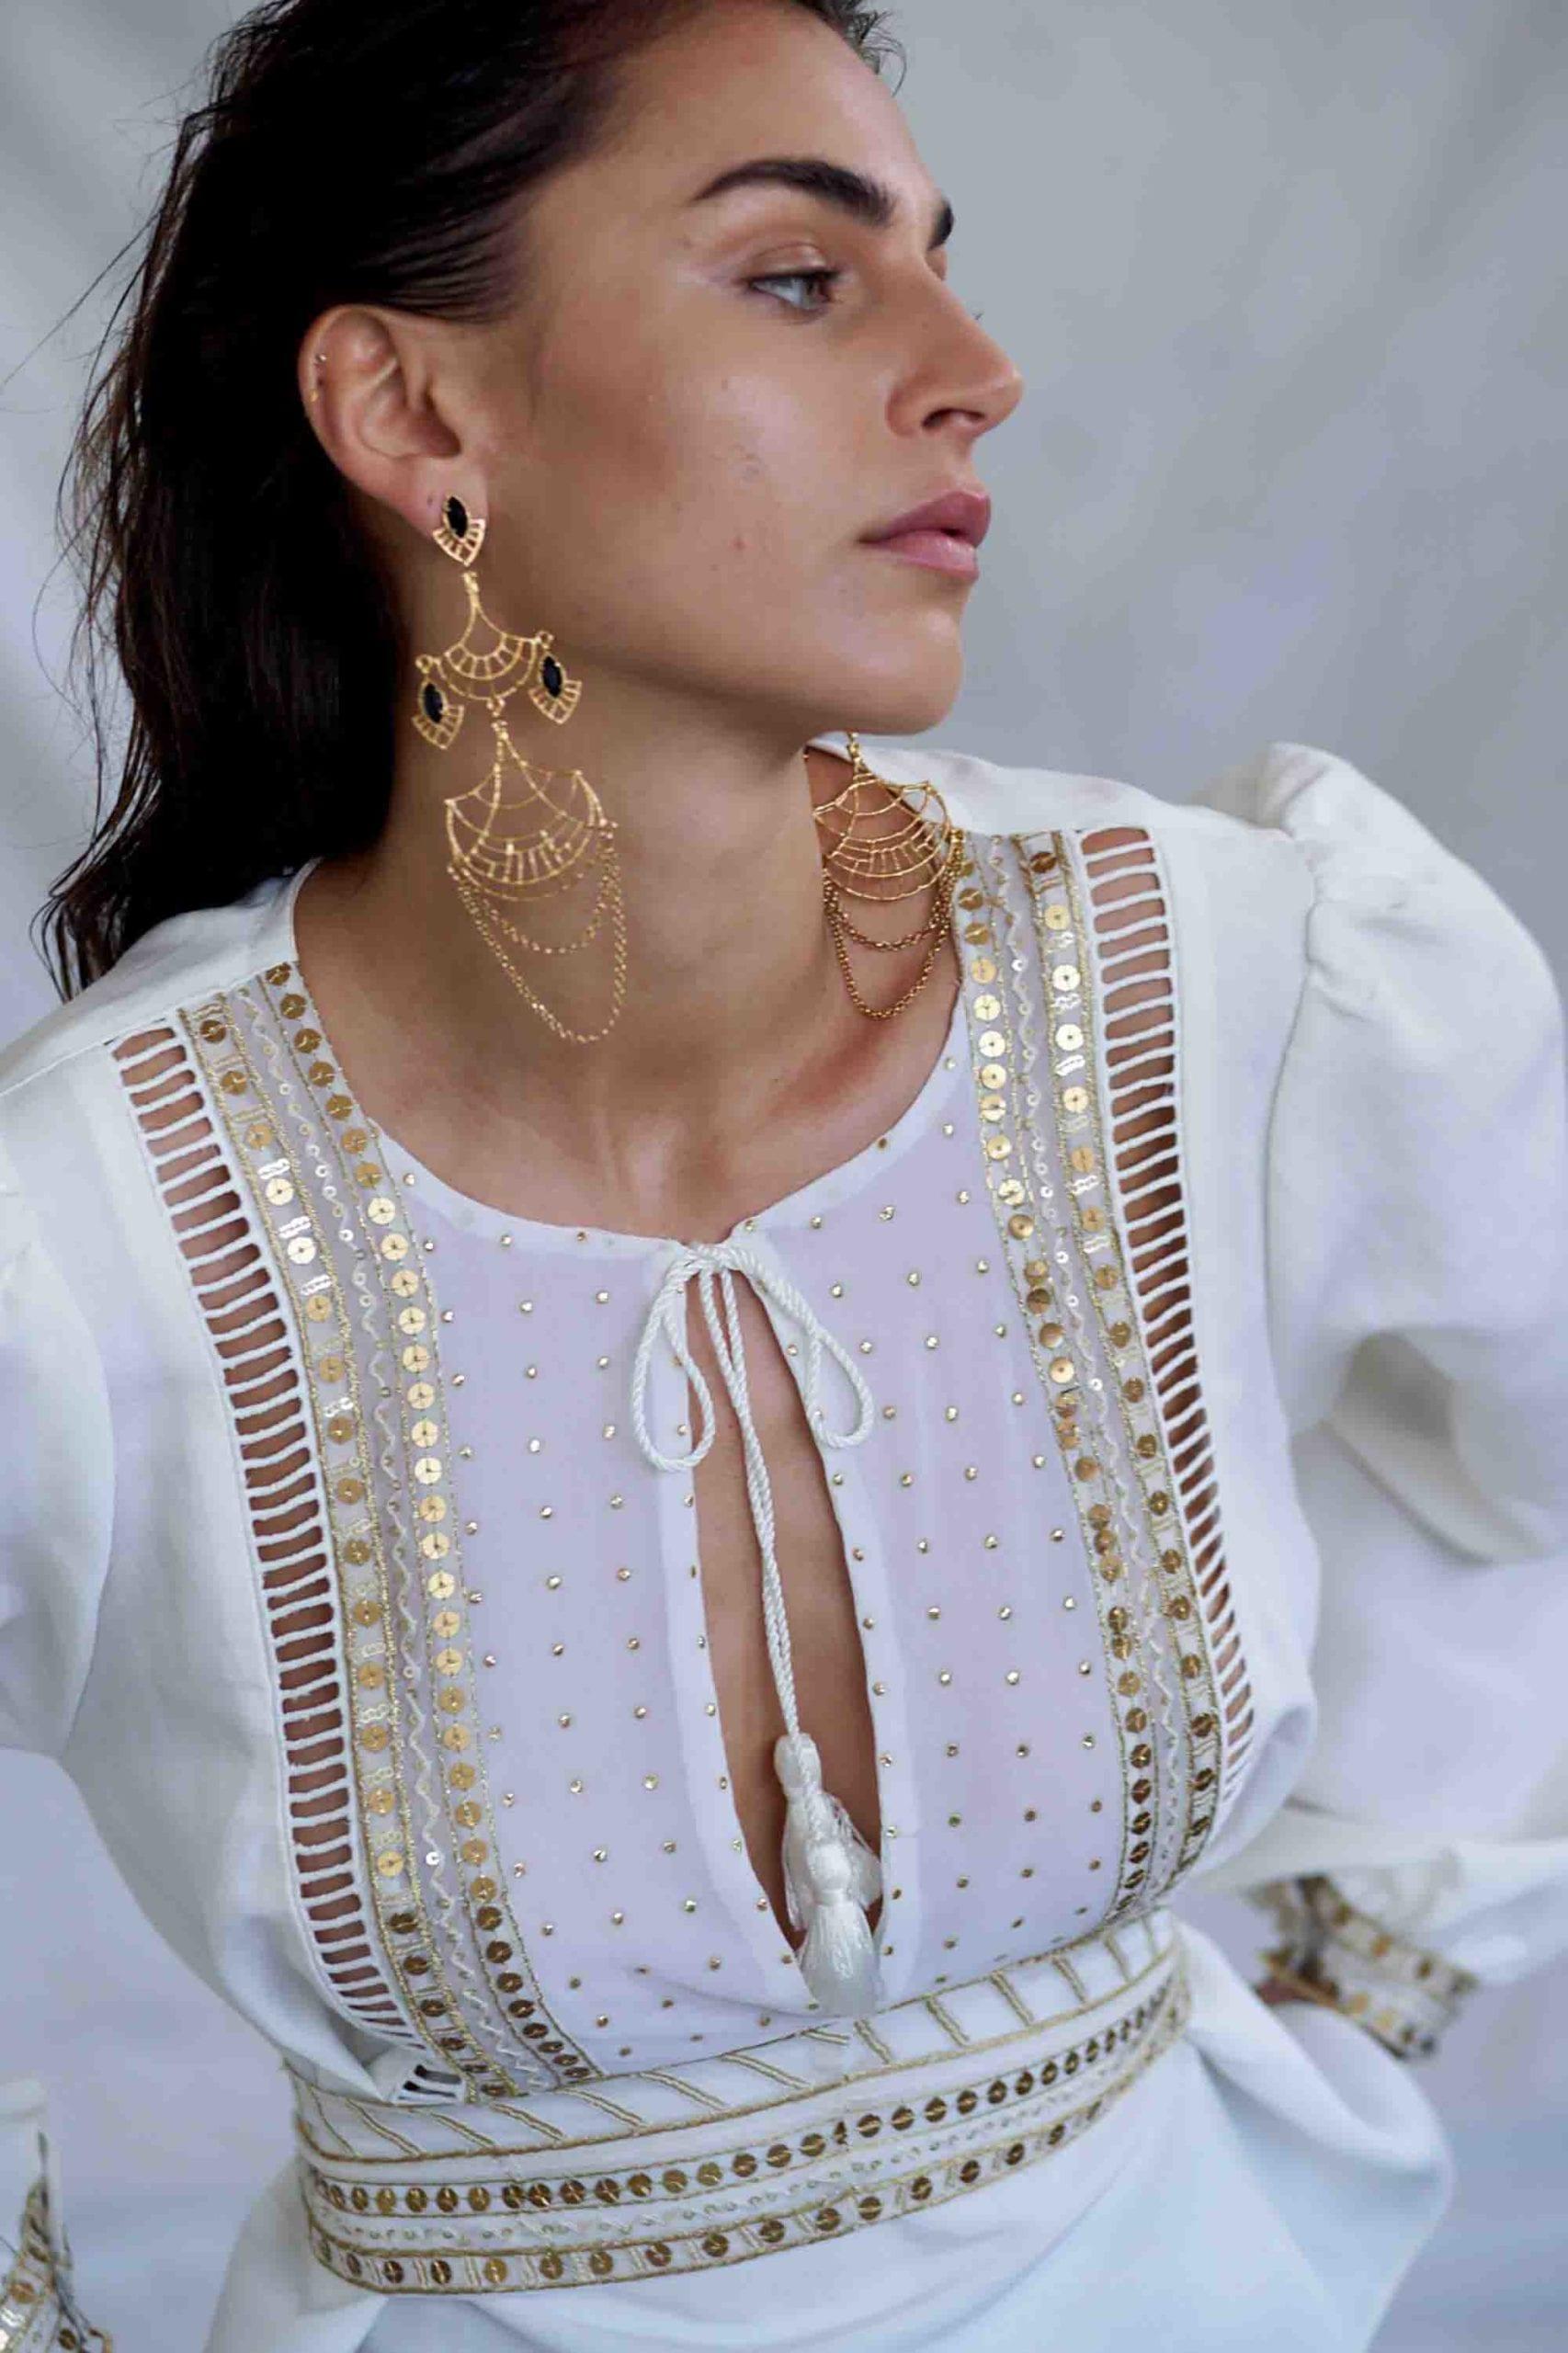 קובי גולן, Kobi Golan, מעצב אופנה, קולקציית אופנה 2020, מגזין אופנה, כתבות אופנה, הילה שייר, אופנה, מגזין אופנה ישראלי -201